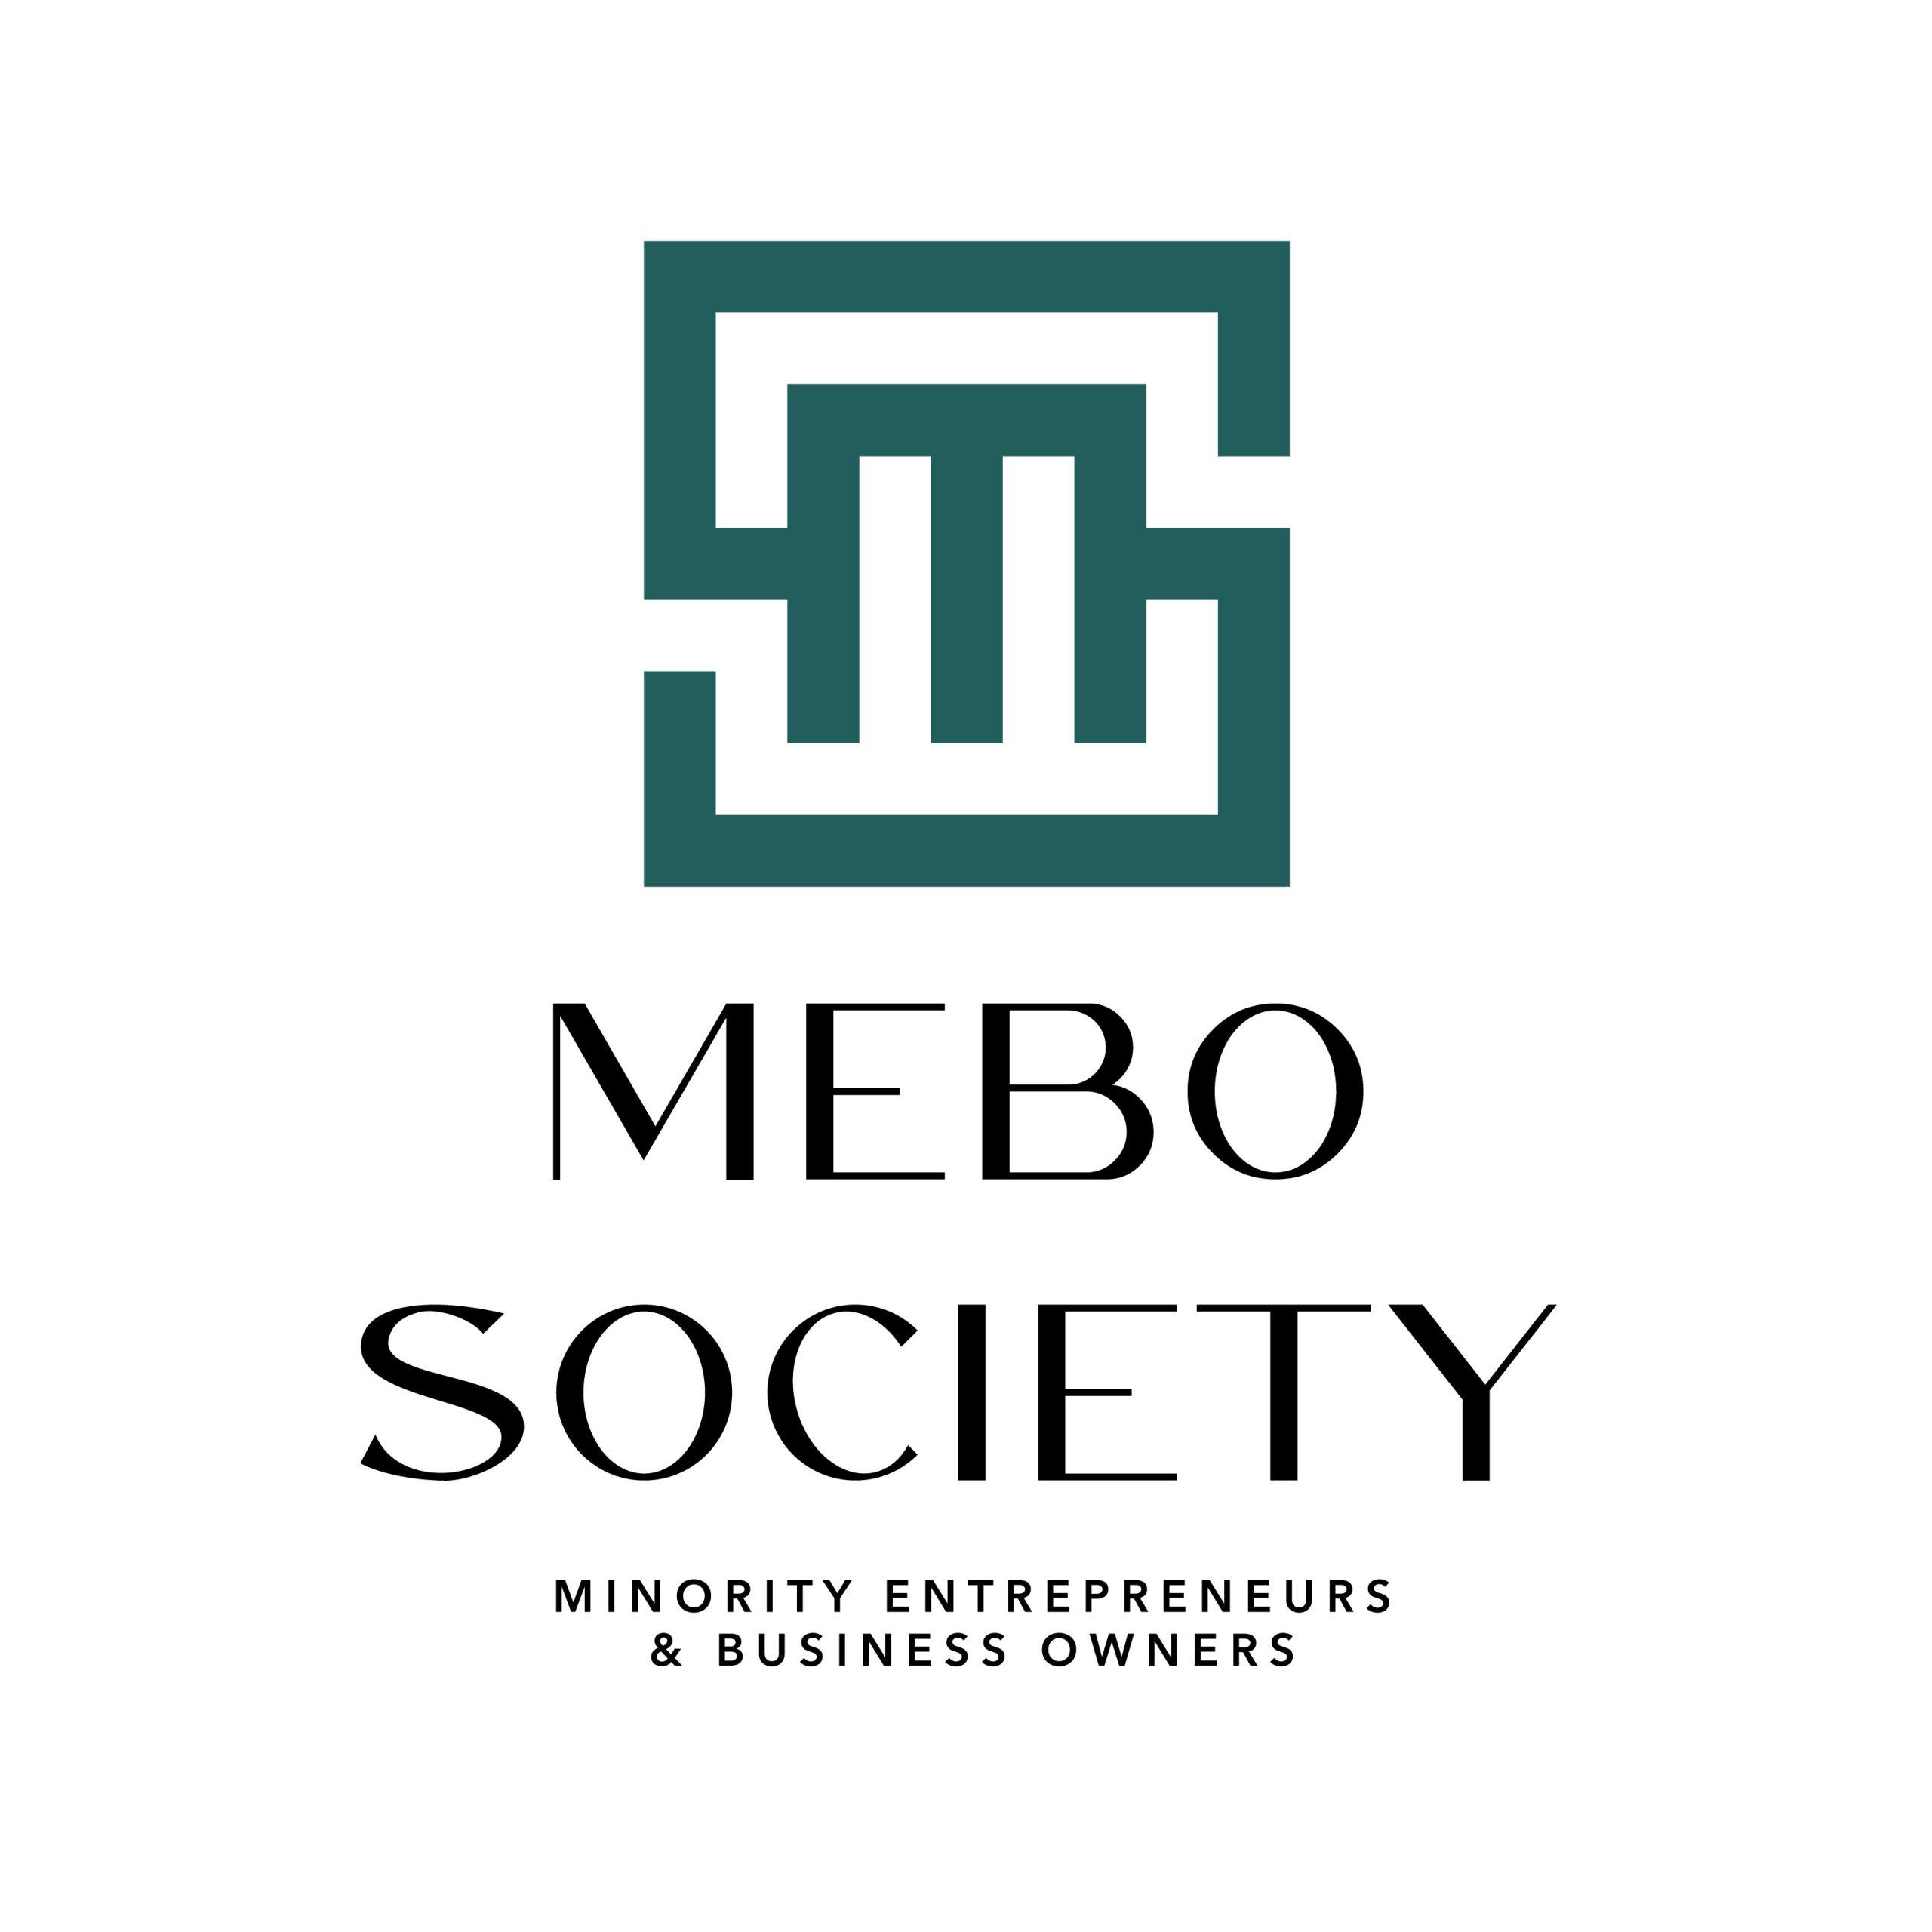 MEBO Society emerald green logo